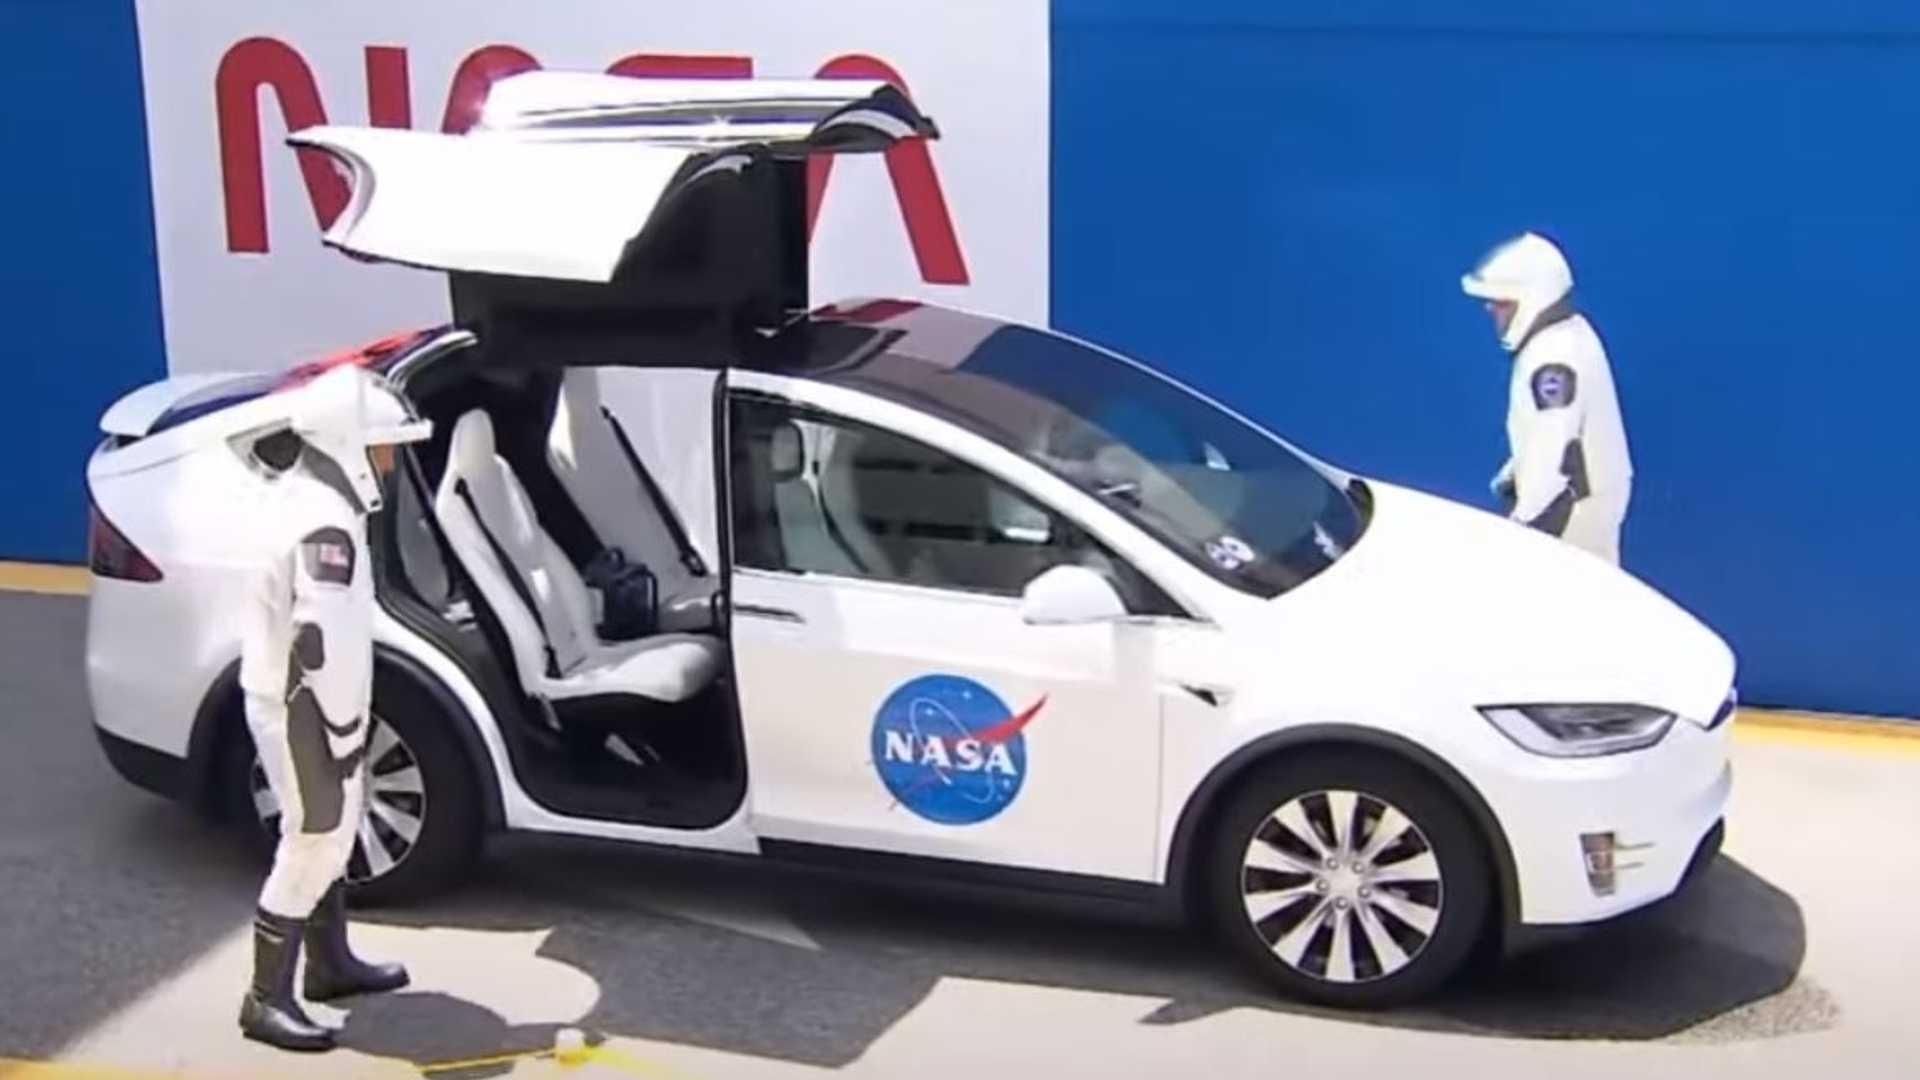 Наблюдайте, как астронавты НАСА используют Tesla Model X для запуска пилотируемого космического полета SpaceX